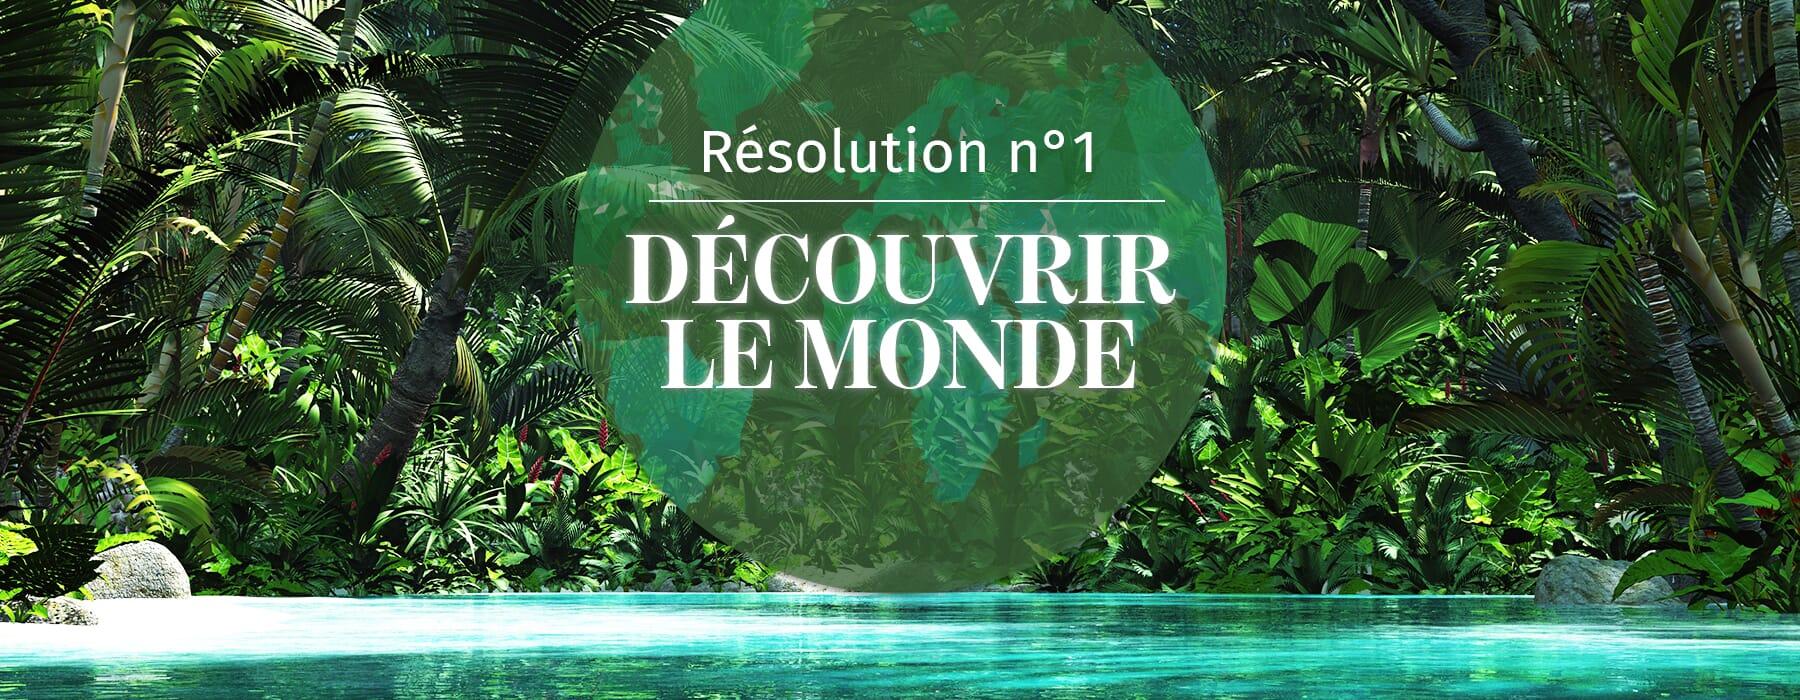 1ère résolution